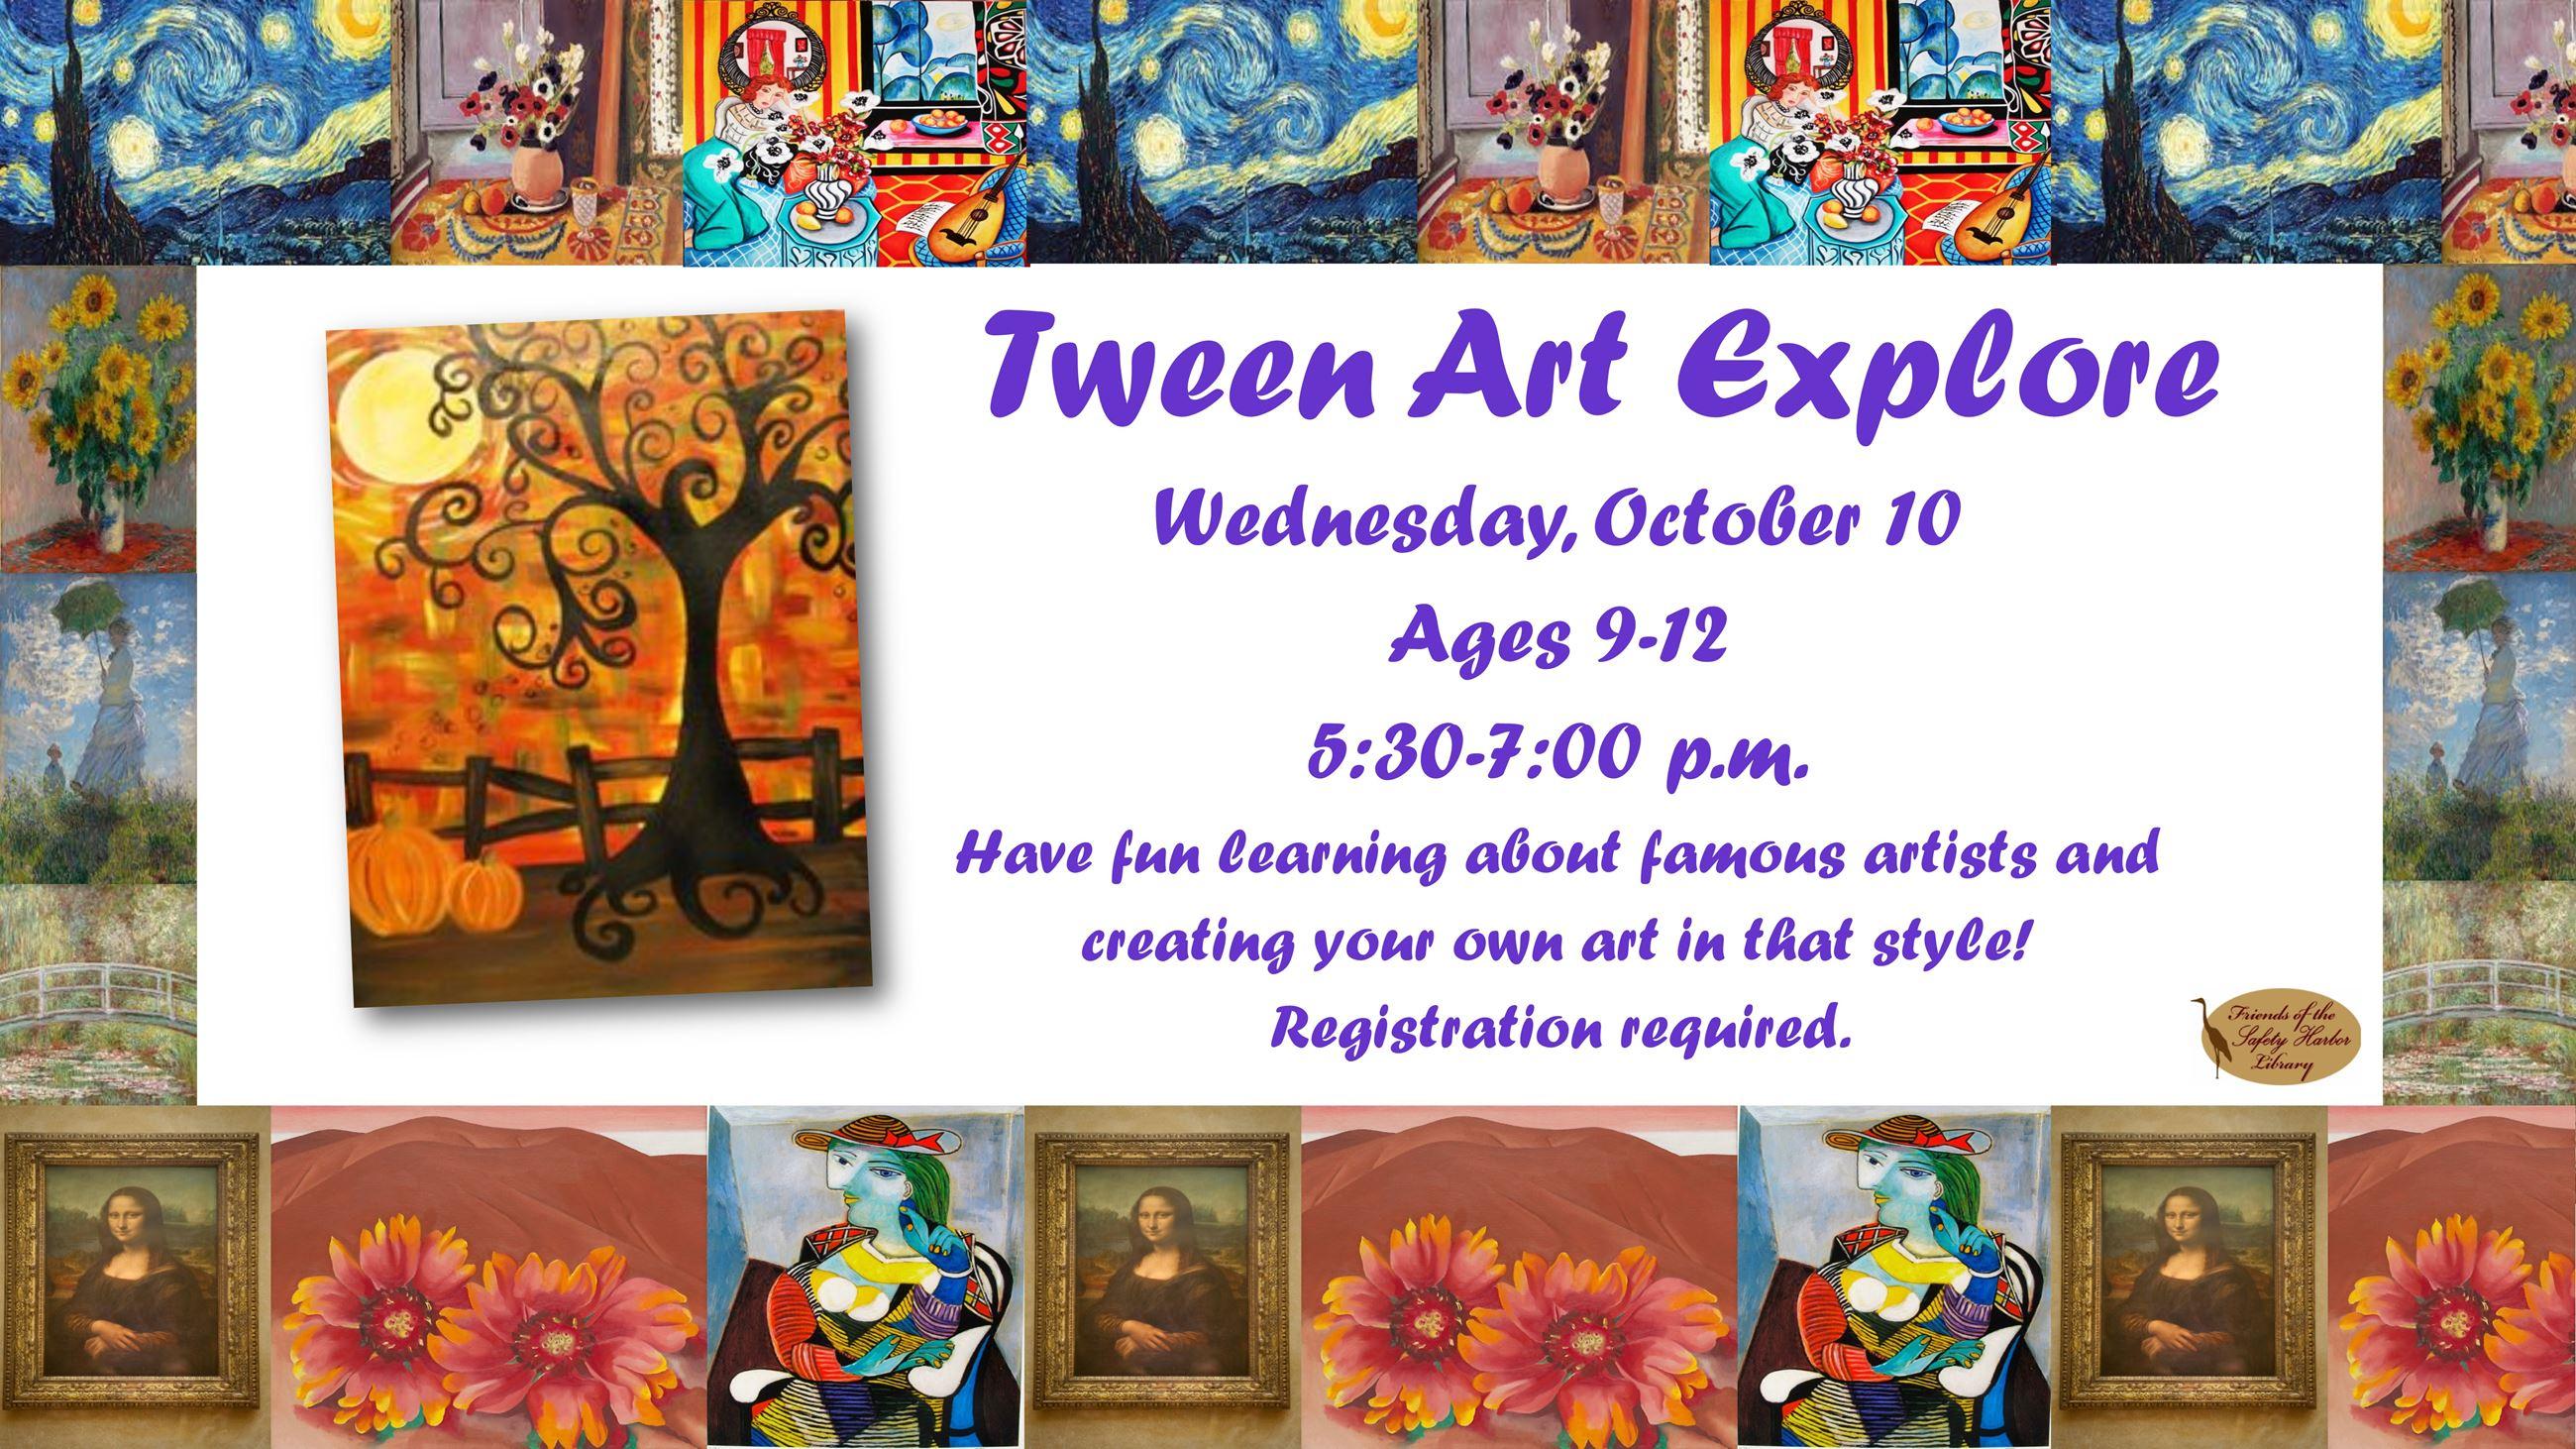 Tween Art Explore